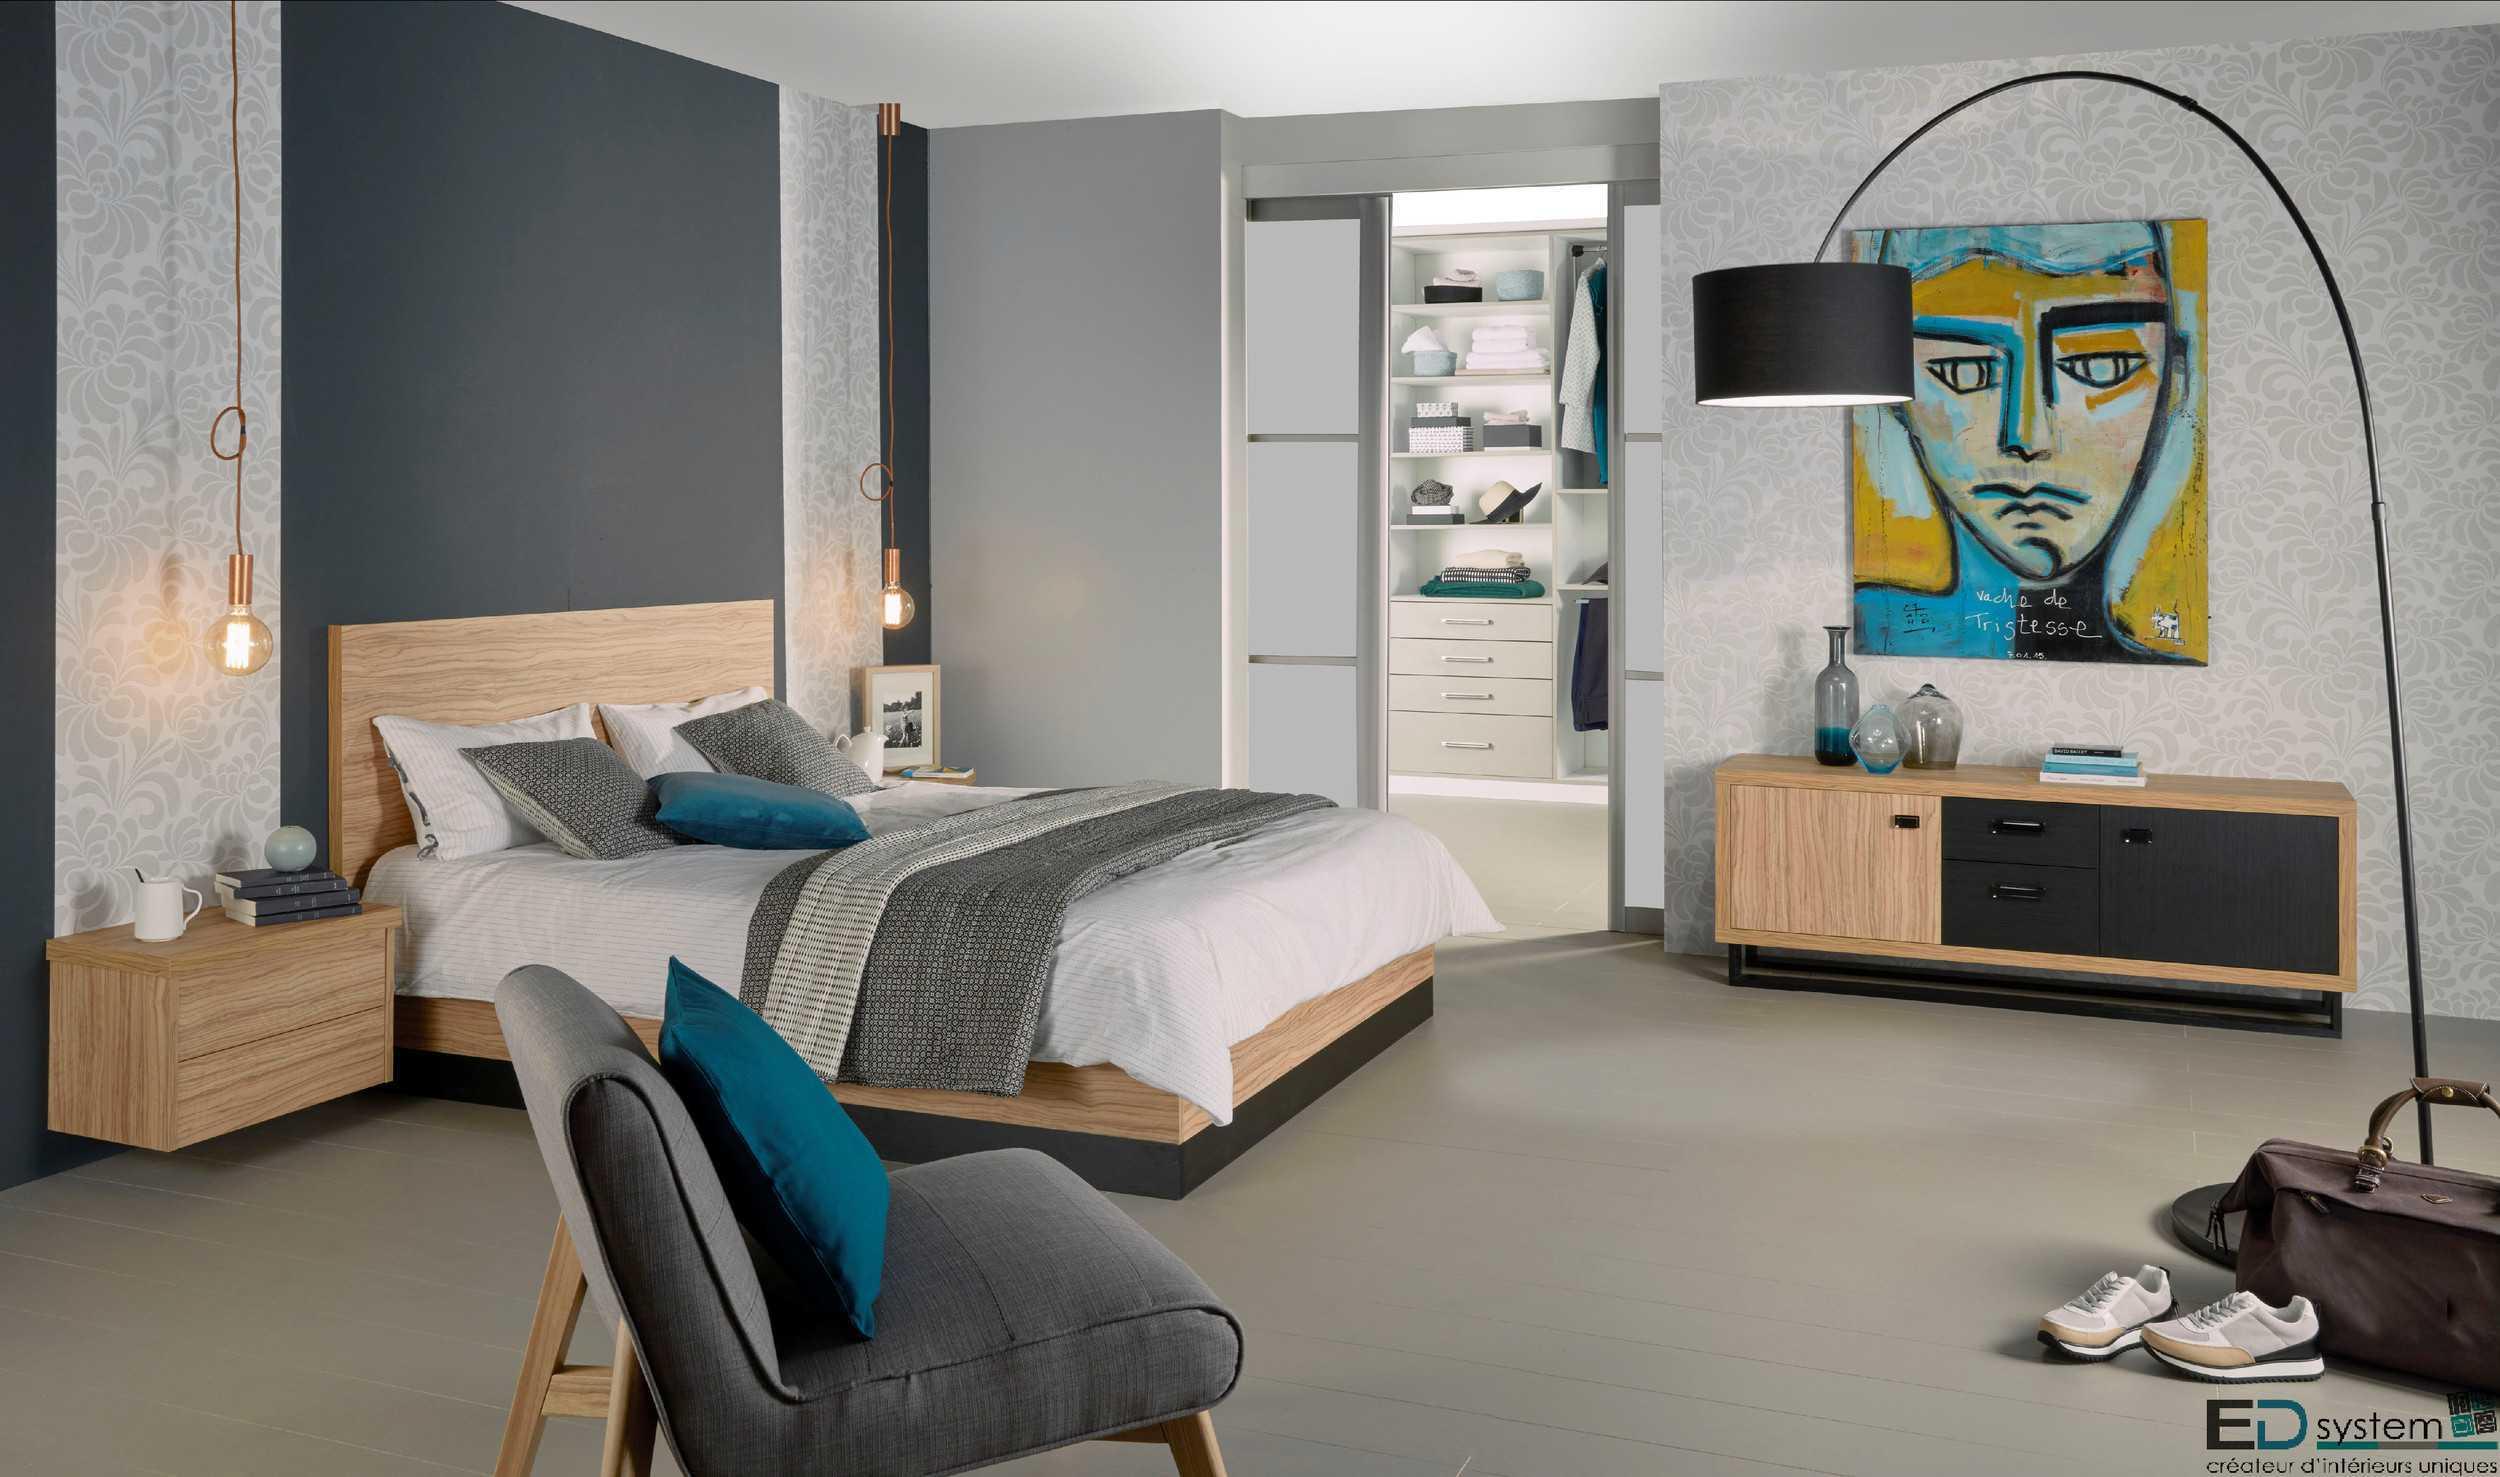 lit sur mesure la maison des bibliotheques. Black Bedroom Furniture Sets. Home Design Ideas